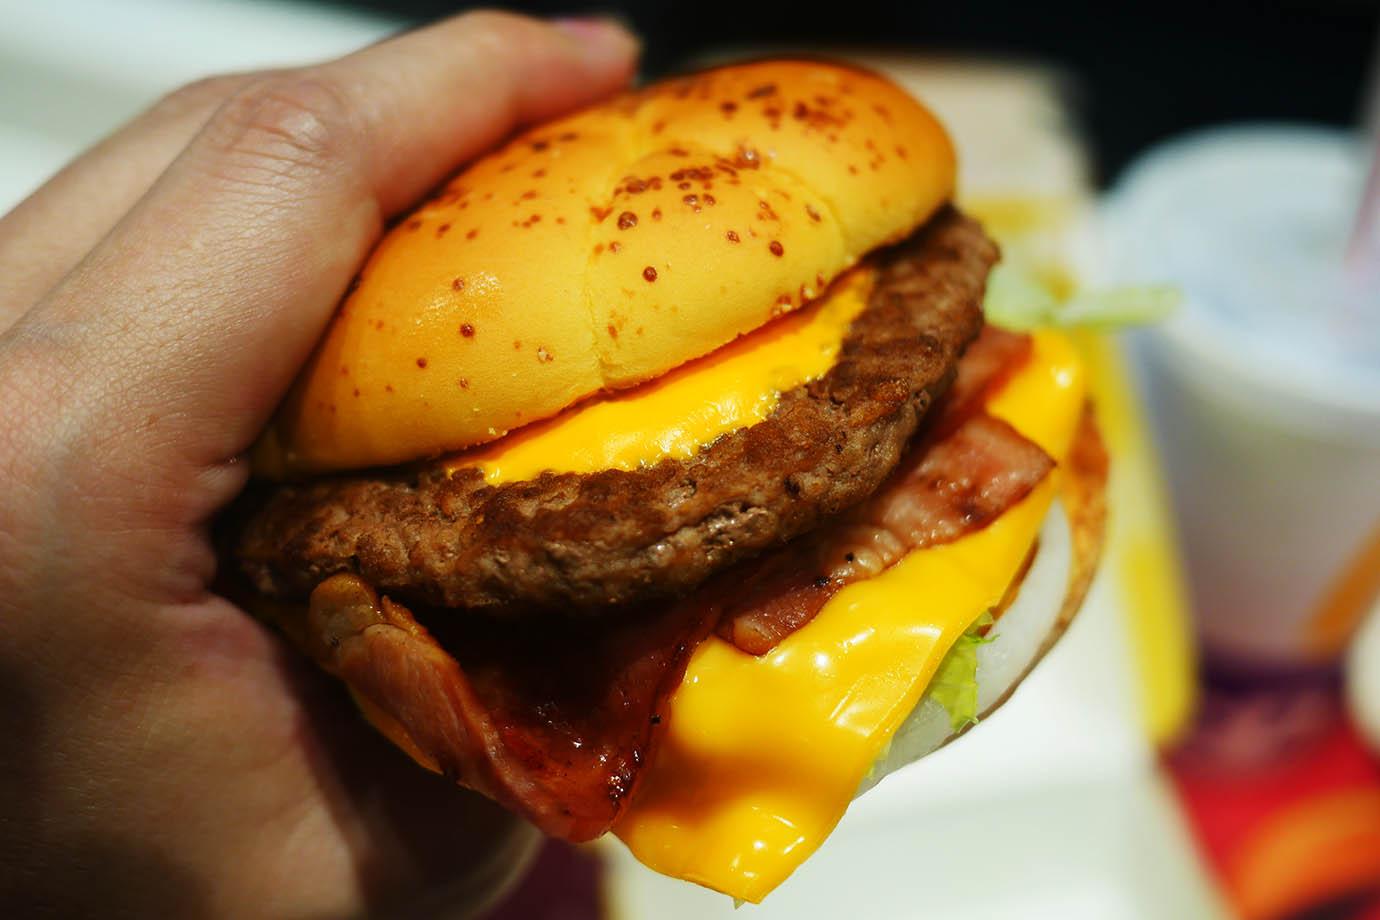 mcdonalds-american-deluxe-cheeseburger2